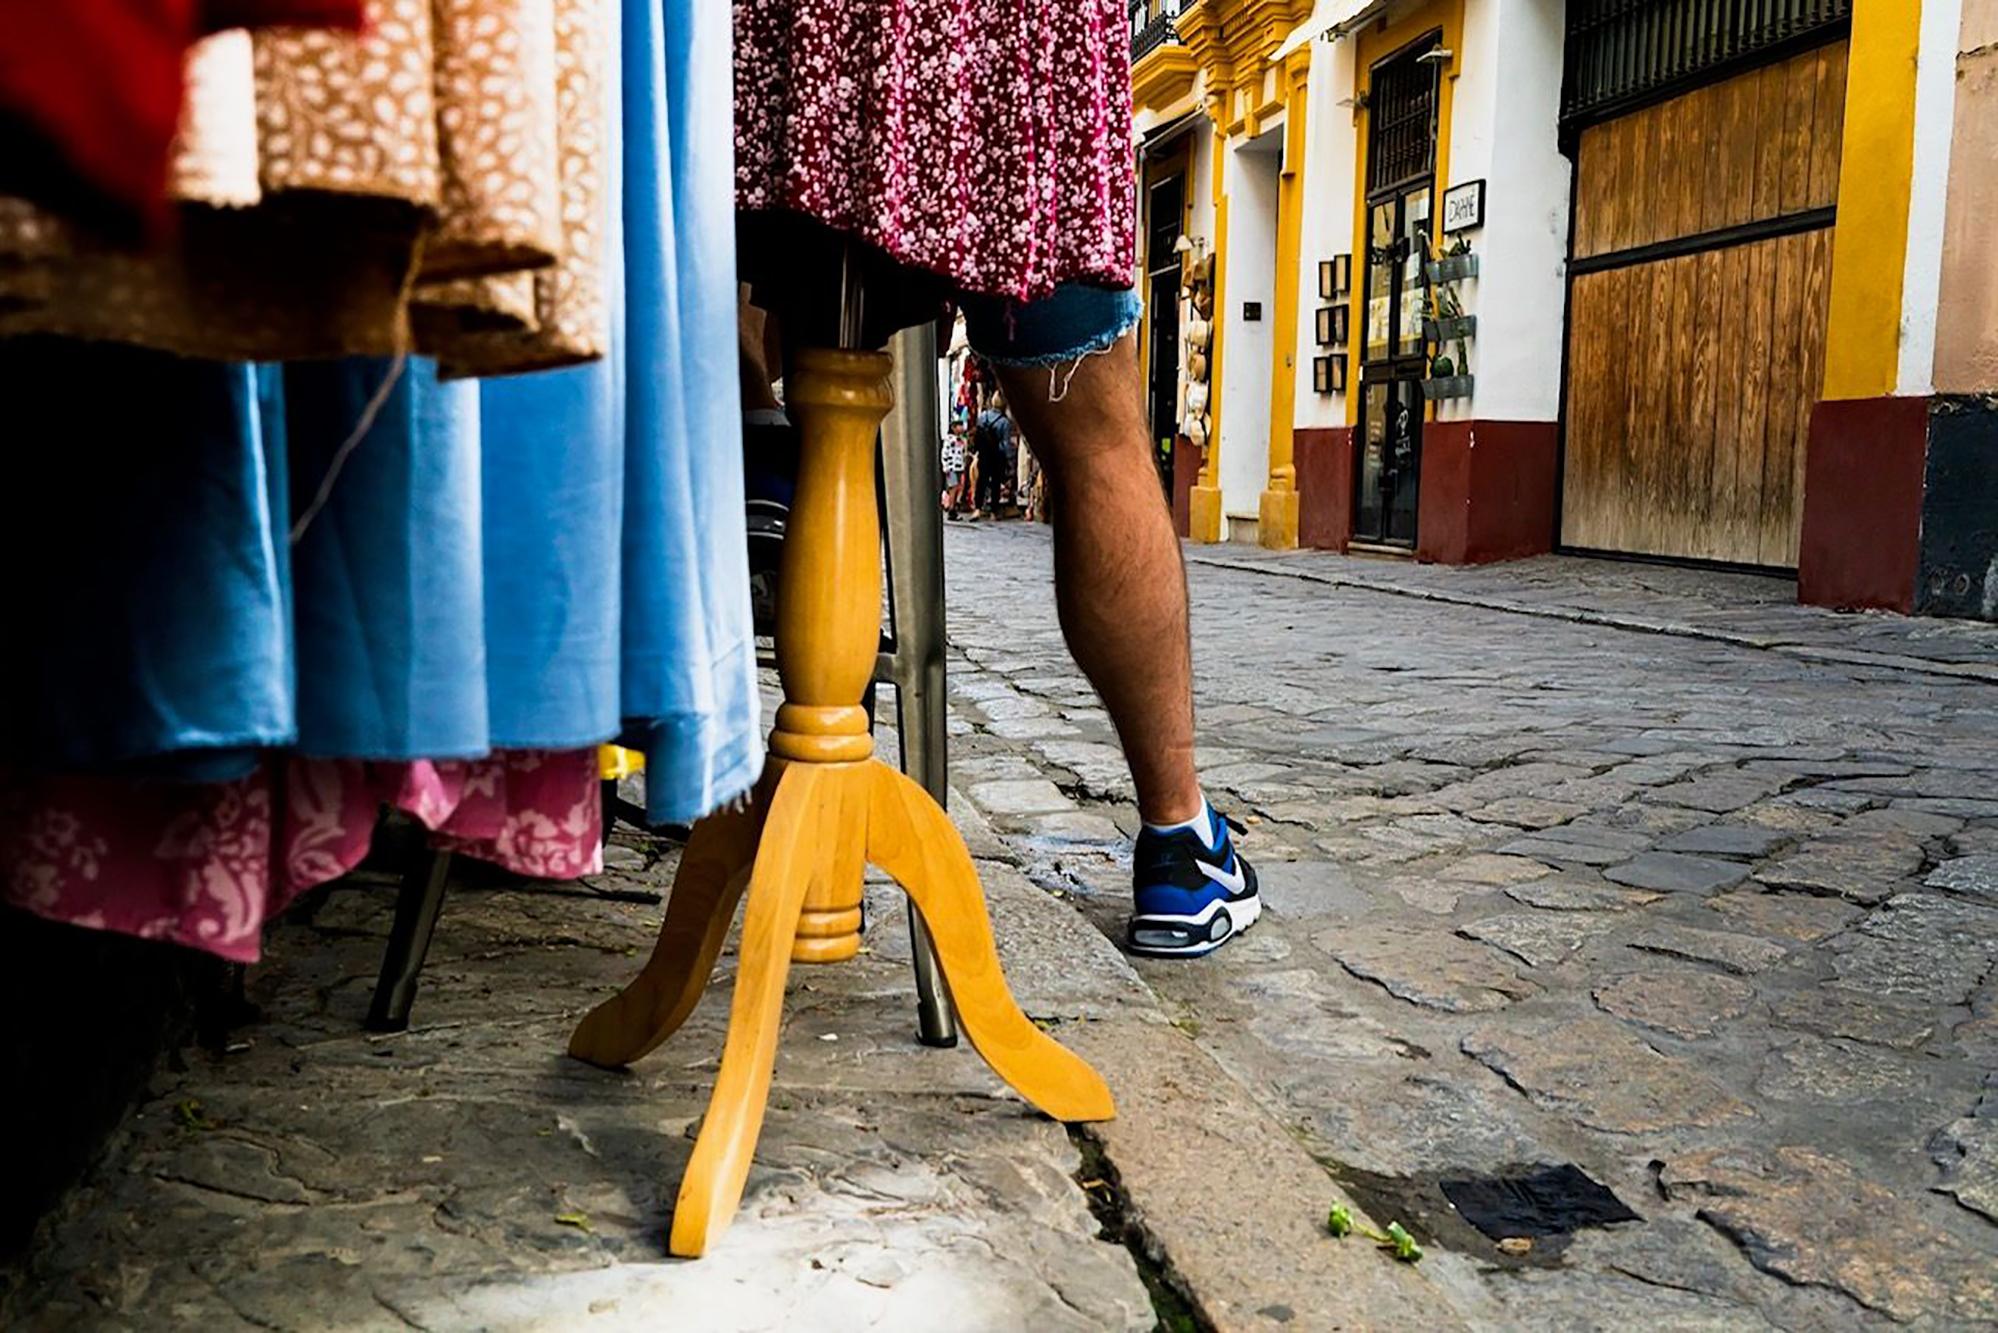 @ Toby Dignum // Seville 2018